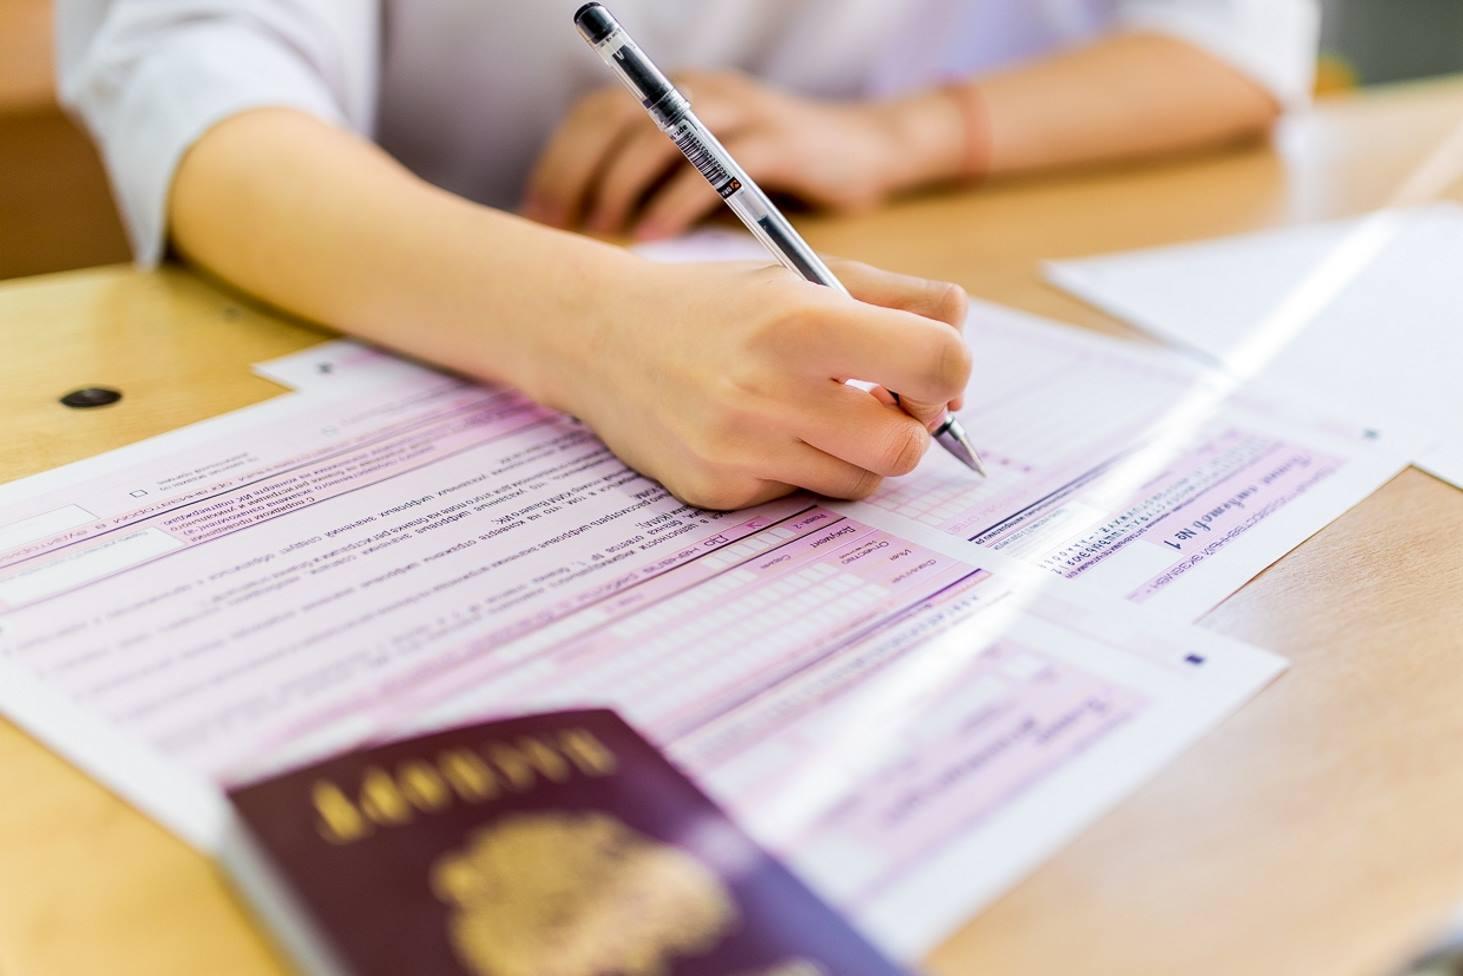 Рособрнадзор и Минпросвещения согласовали даты сдачи ЕГЭ в 2021 г.